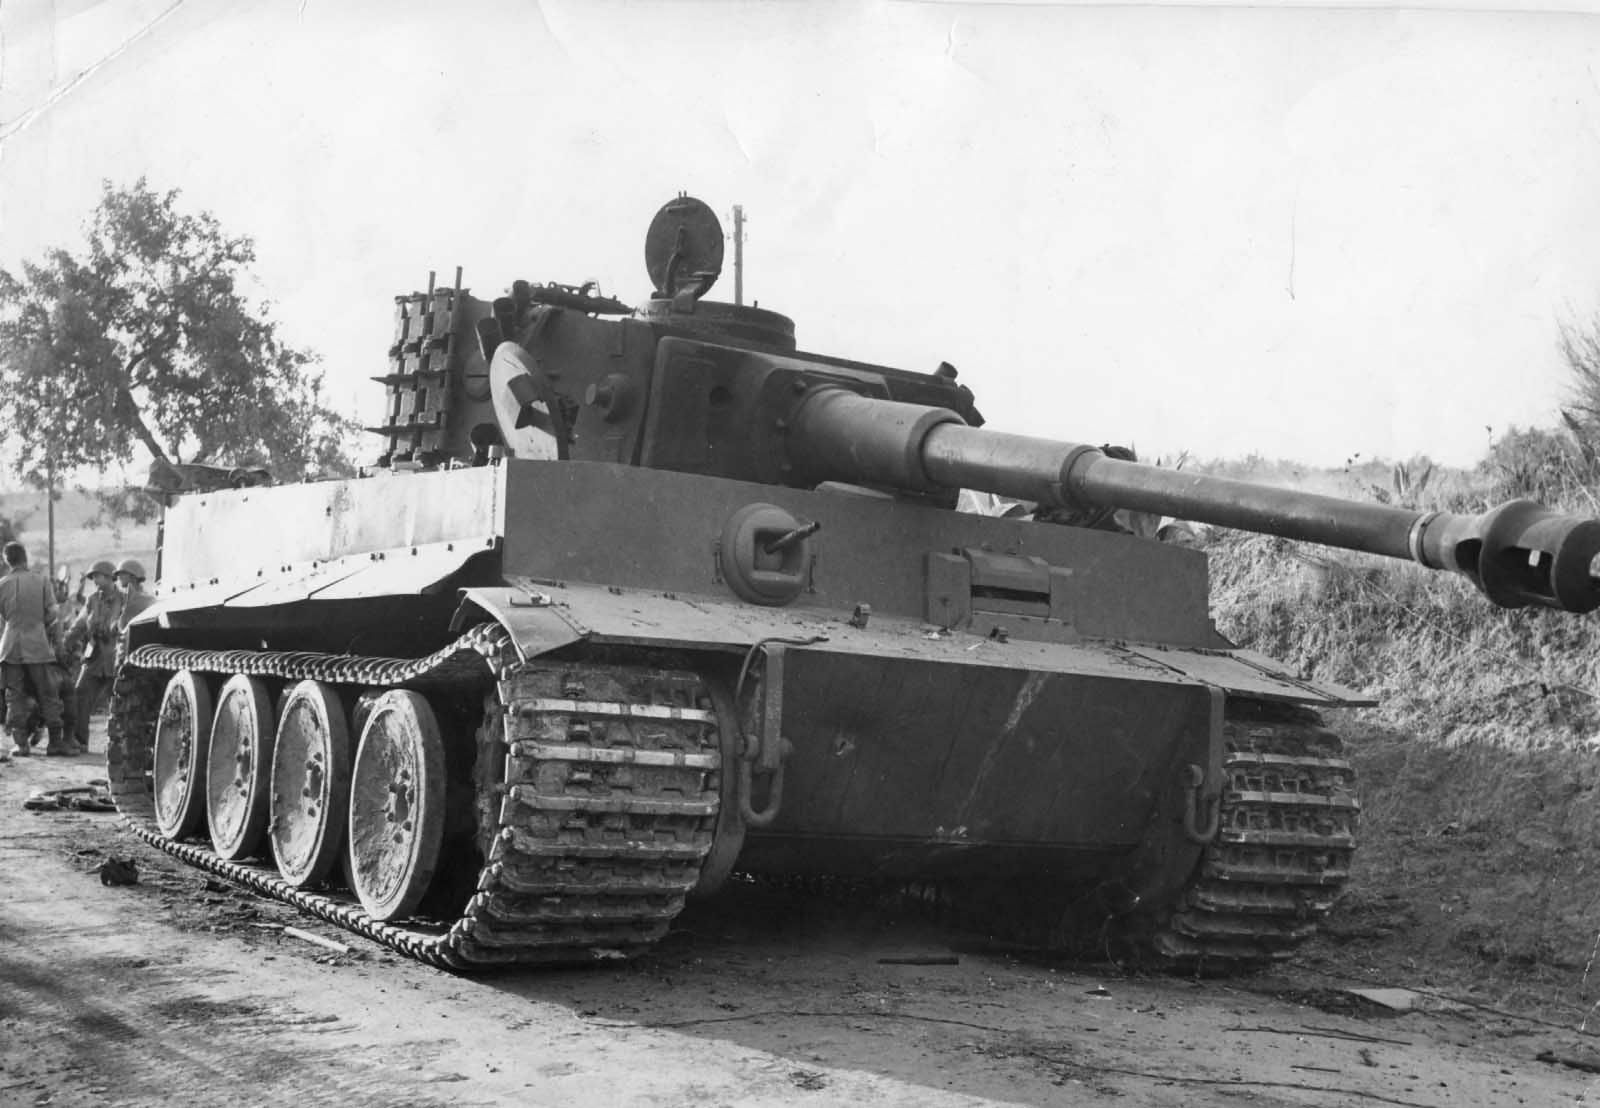 Panzer VI Tiger of Schwere Panzer-Abteilung 504, Ponte Dirillo Sicily